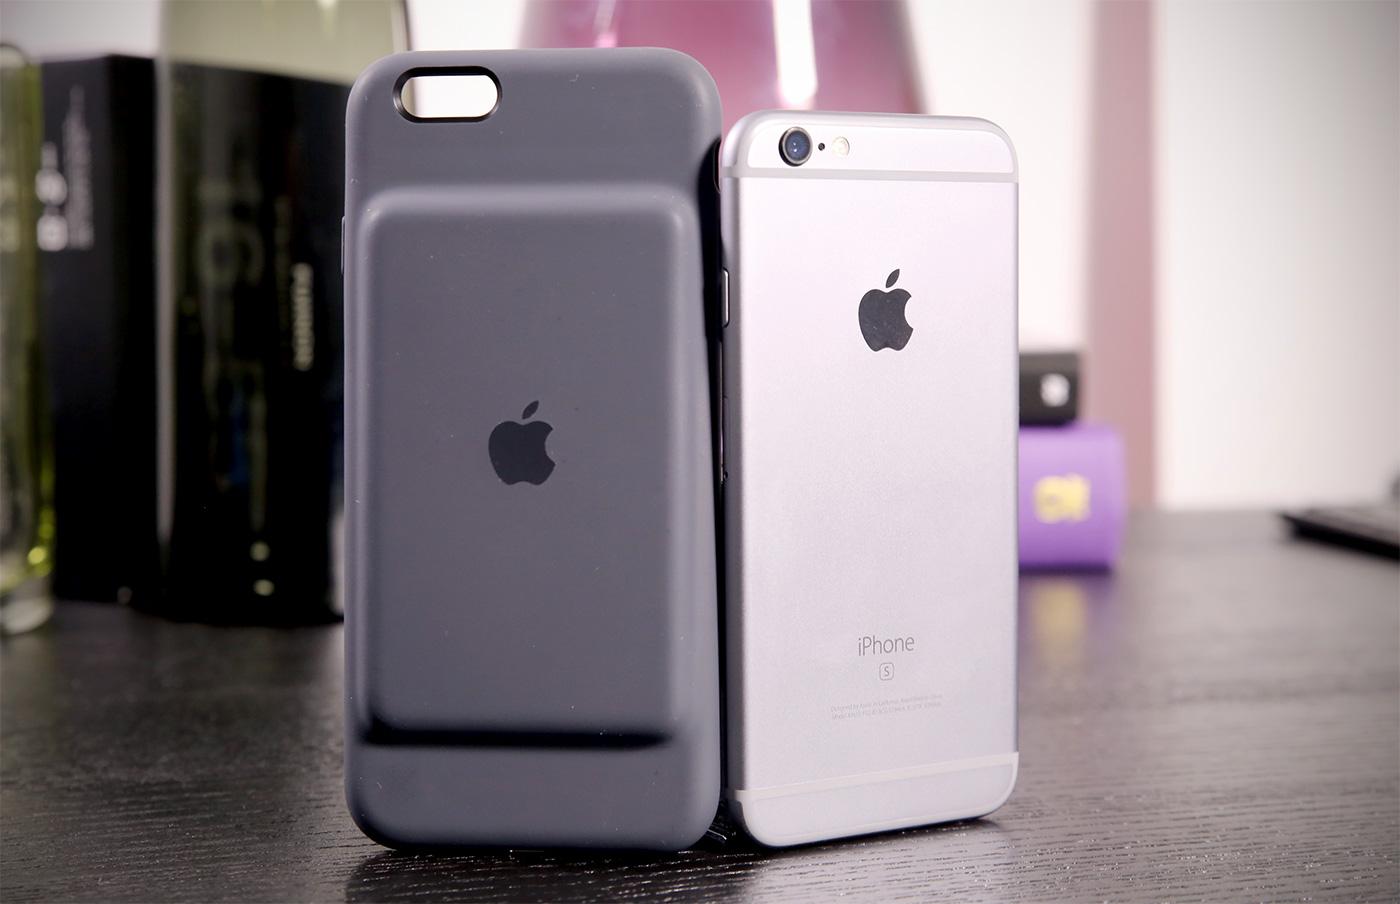 Ốp lưng iPhone có thiết kê xấu bị hãng khác đá đểu